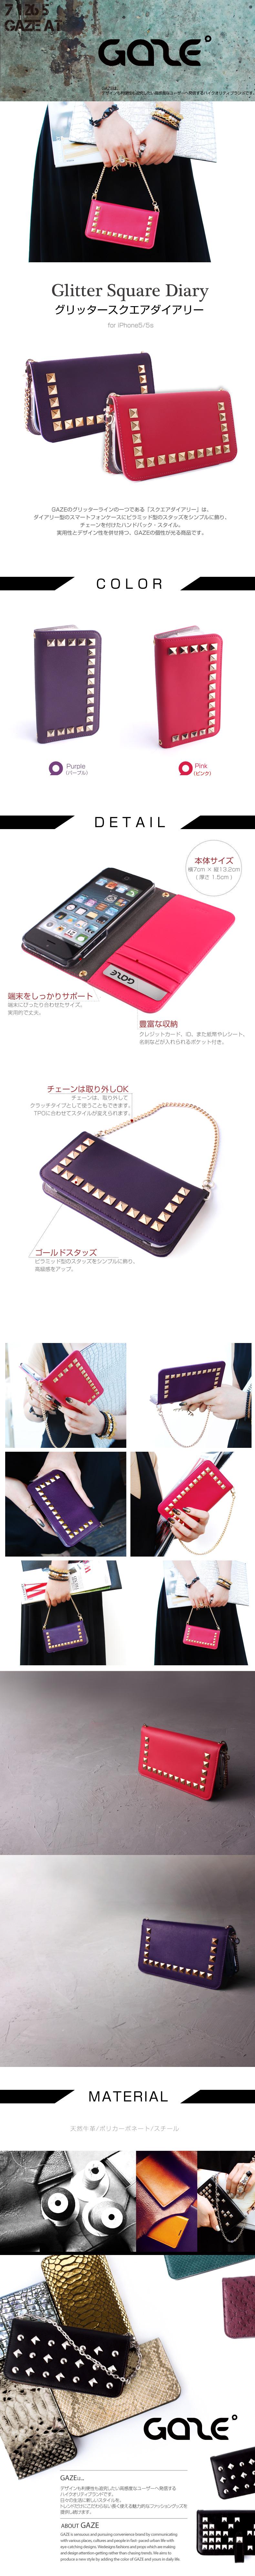 商品詳細iPhone5/5sグリッタースクエアダイアリー